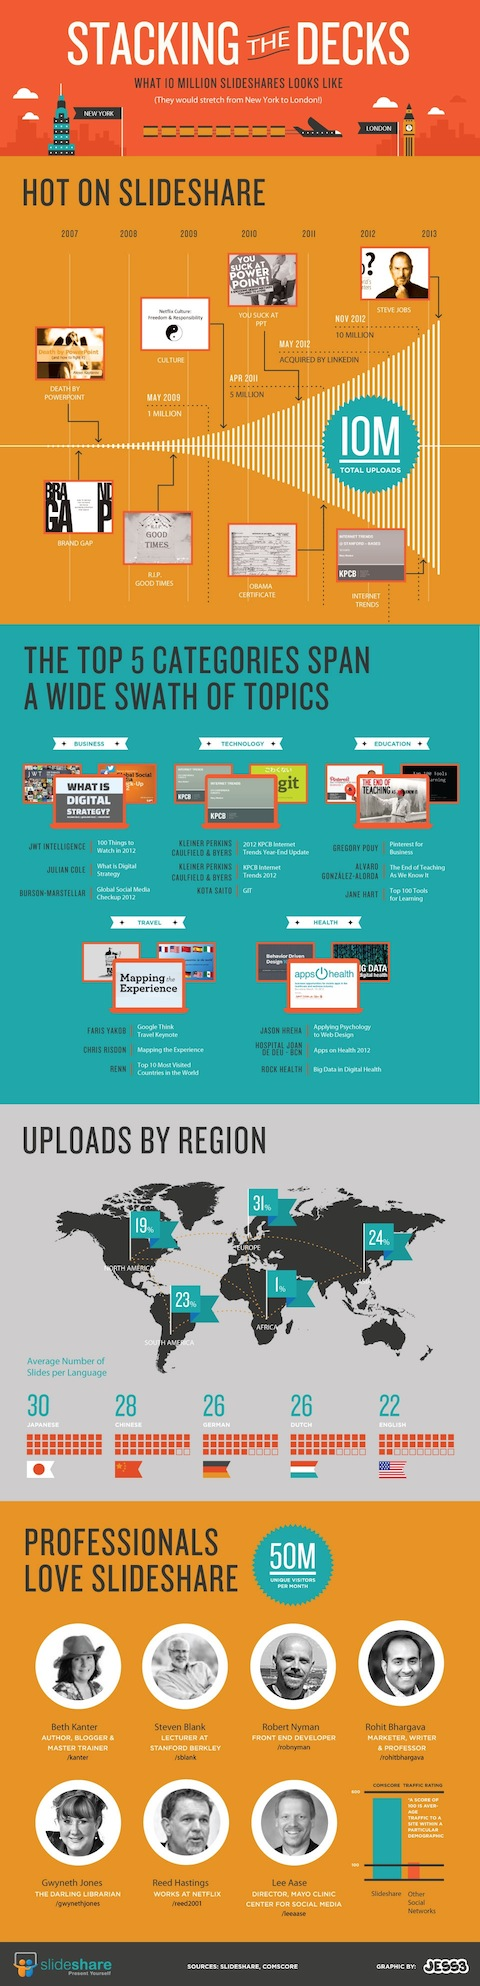 slideshare infographic